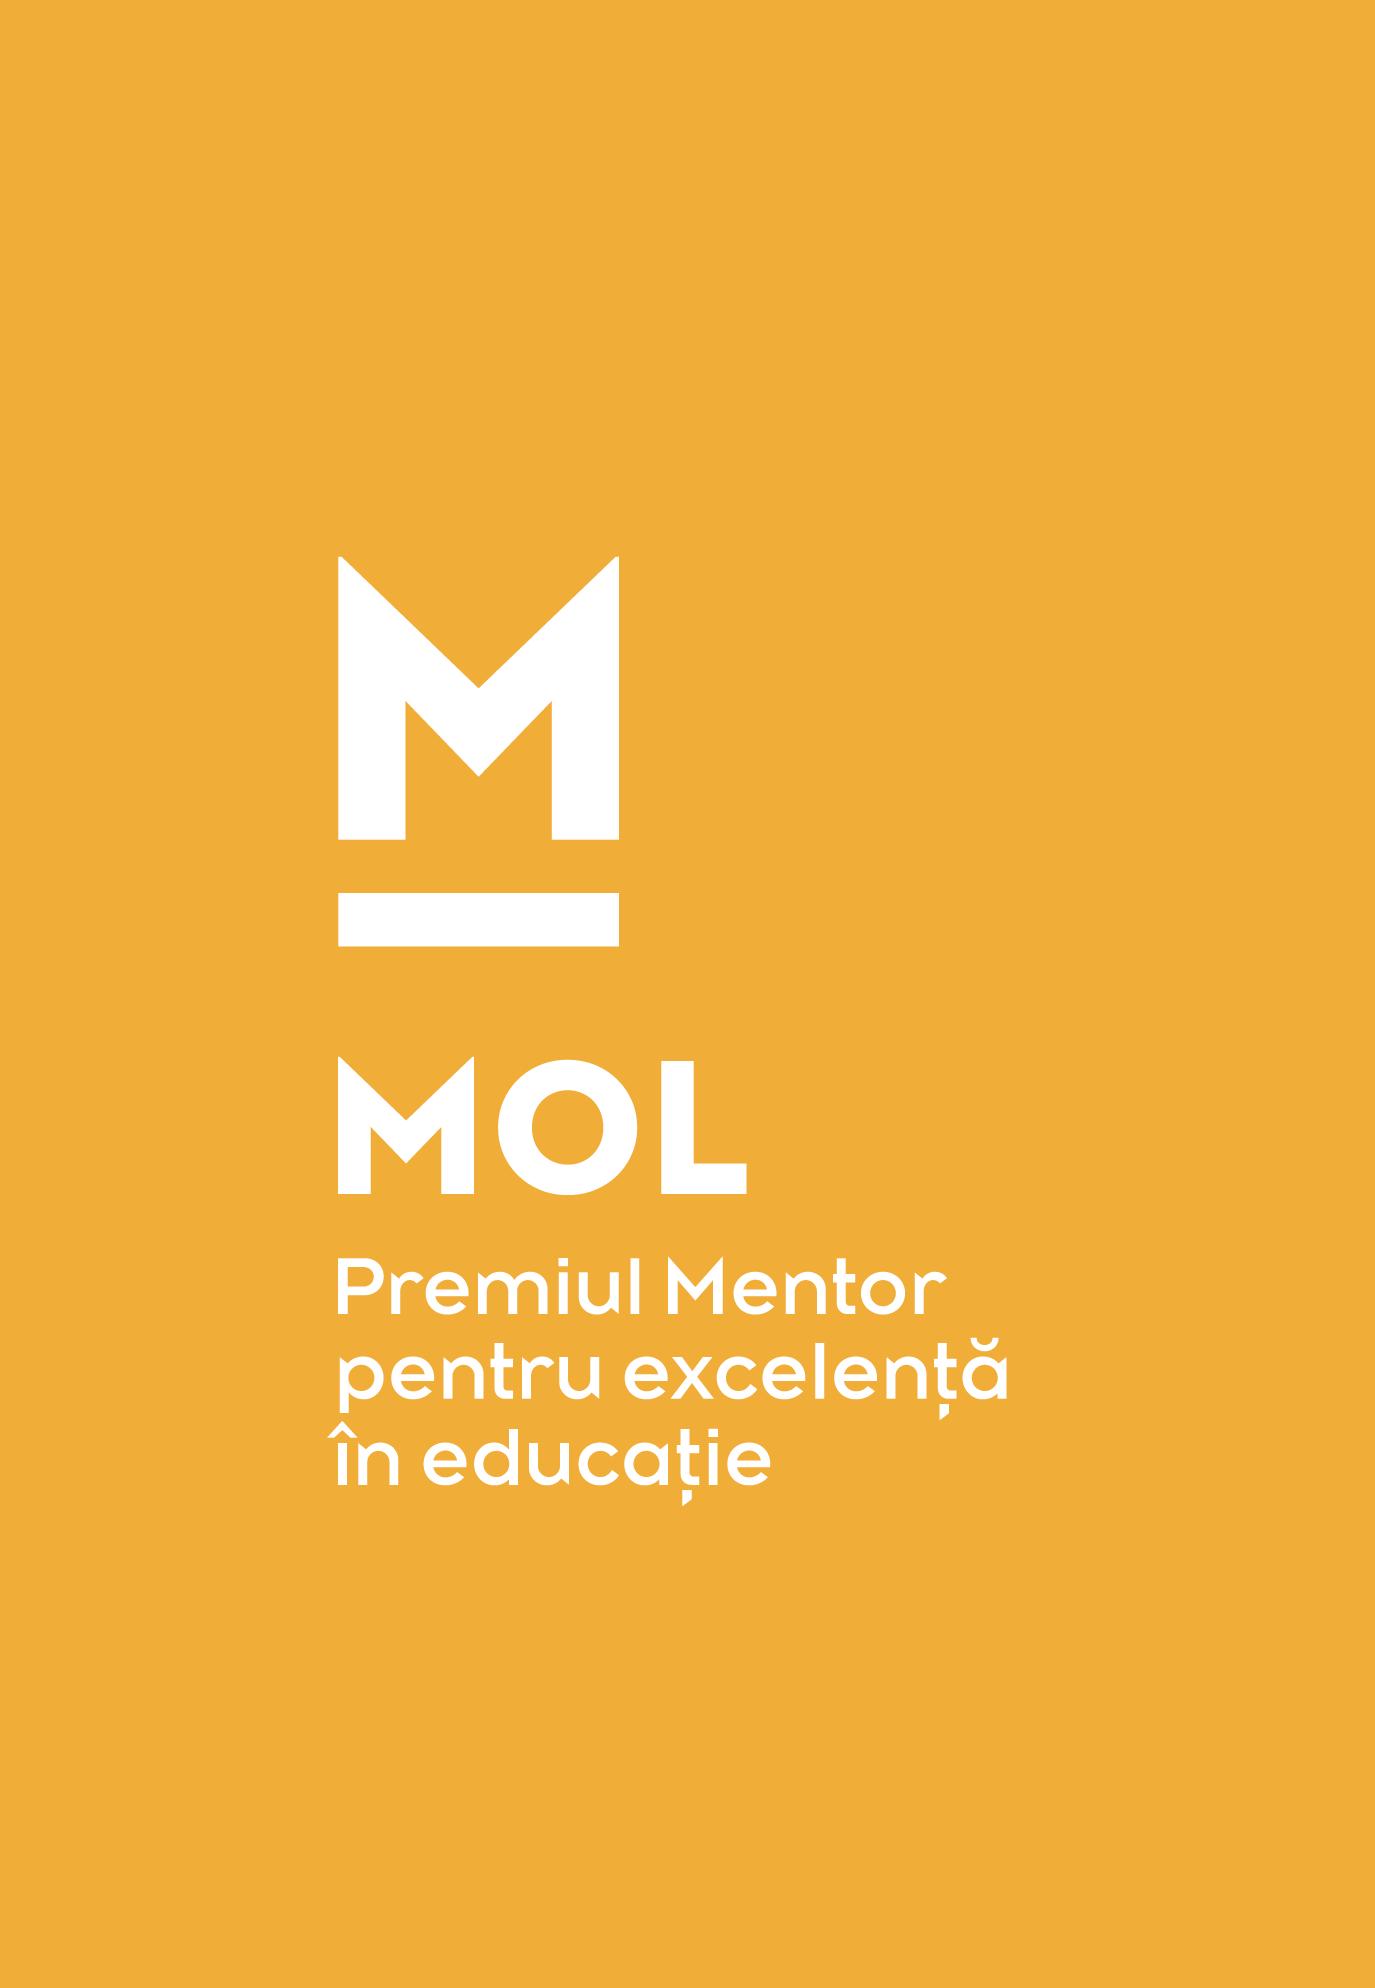 Laureații Premiilor Mentor pentru excelență în educație